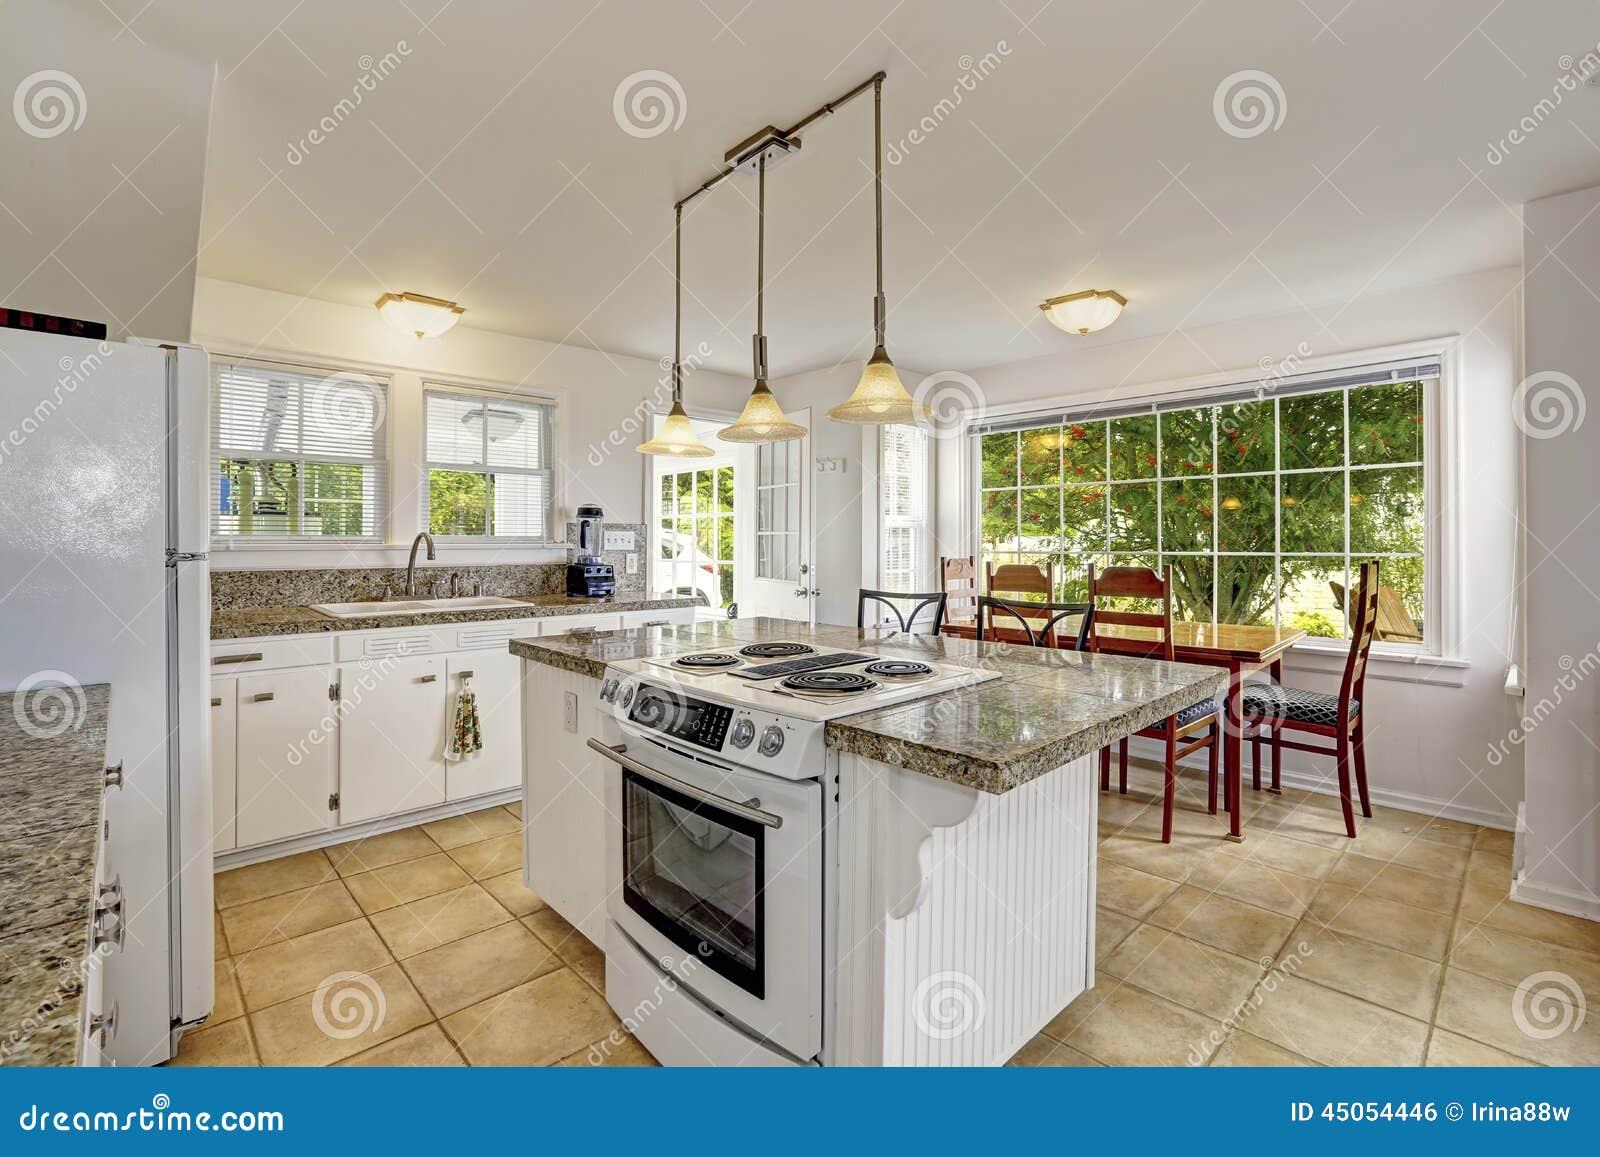 Cocinas con estilo n rdico interiores pinterest - Cocinas con comedor ...